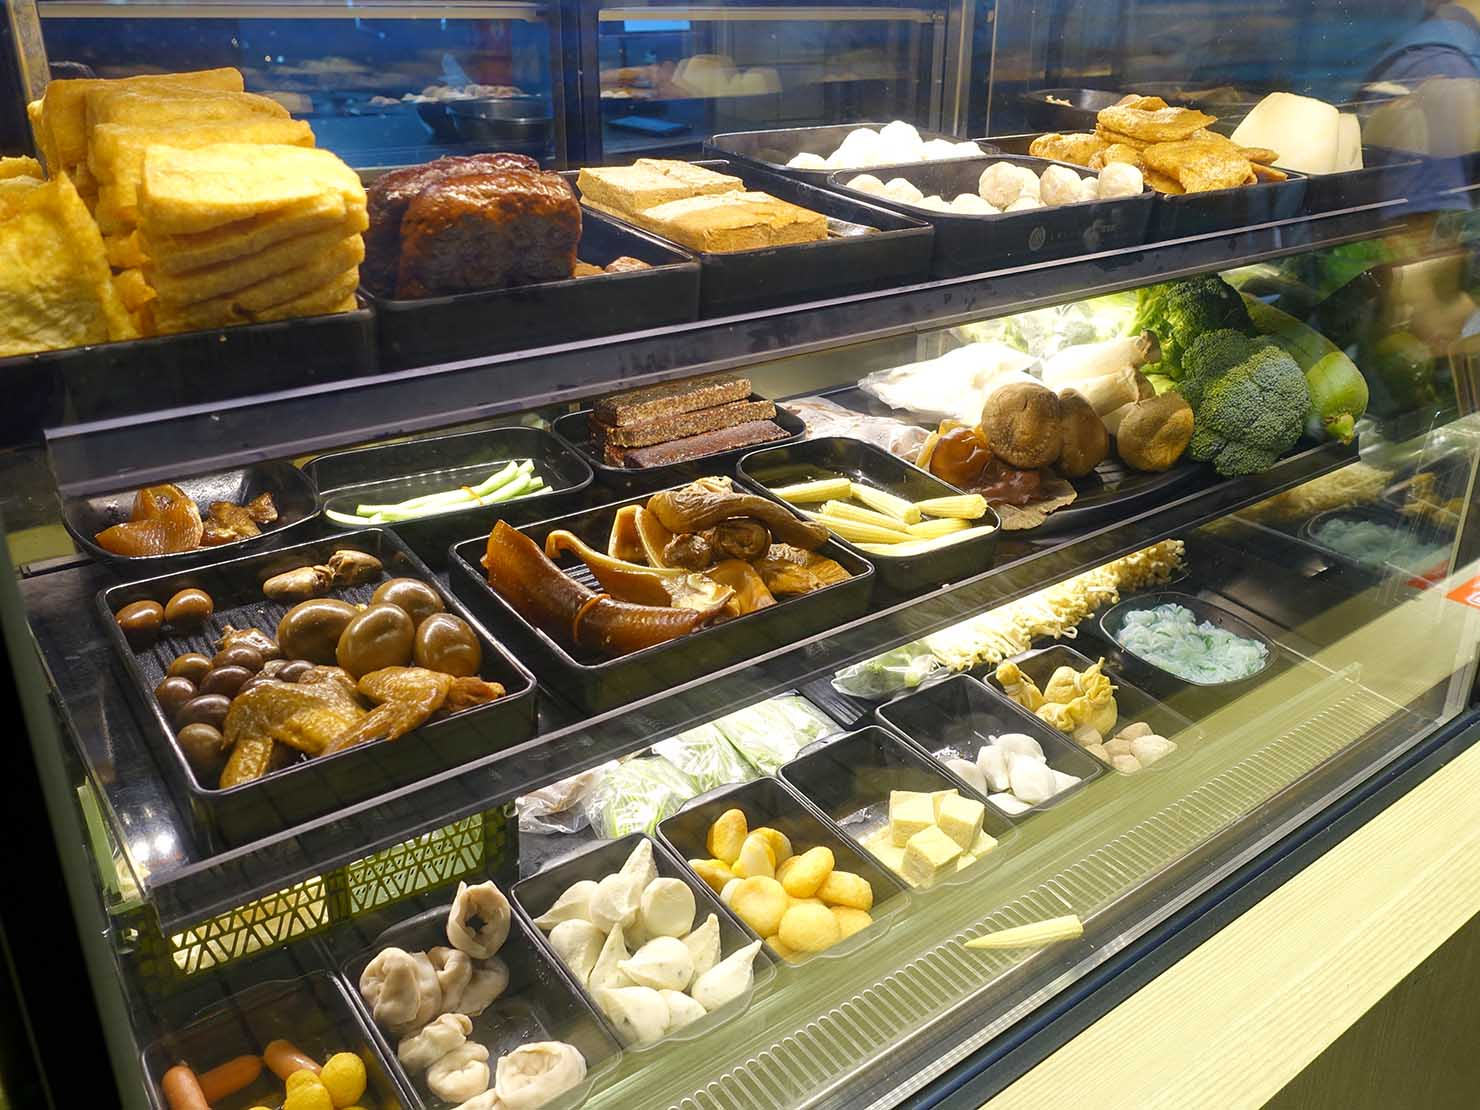 台北・忠孝復興駅(東區)のおすすめグルメ店「滷滷味」のカウンターに並ぶ食材たち